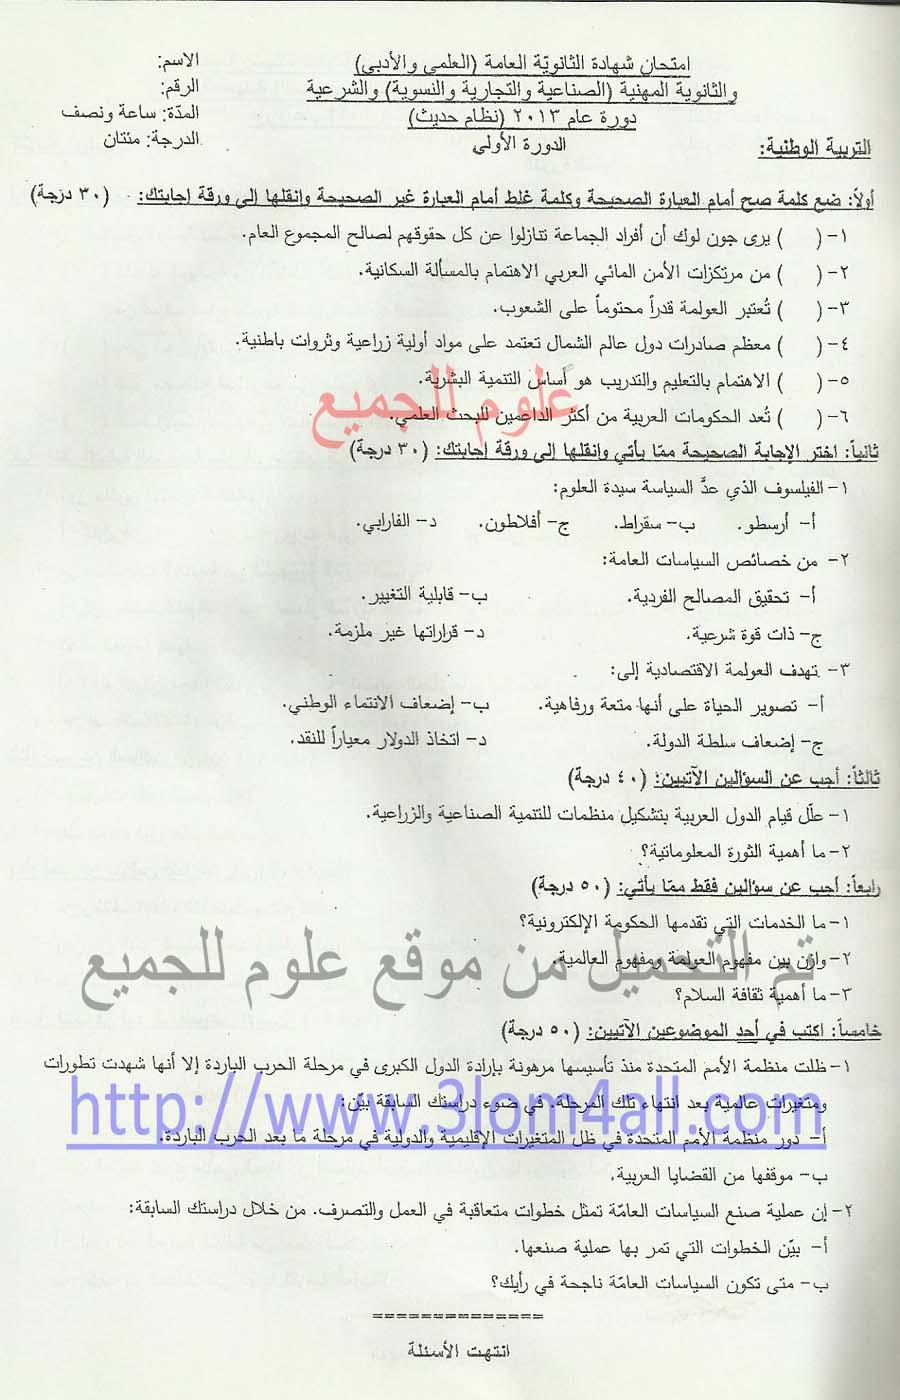 اسئلة الفحص لامتحان مادة القومية بكالوريا 2013 سوريا الفرع العملي والادبي ( الشهادة الثانوية )